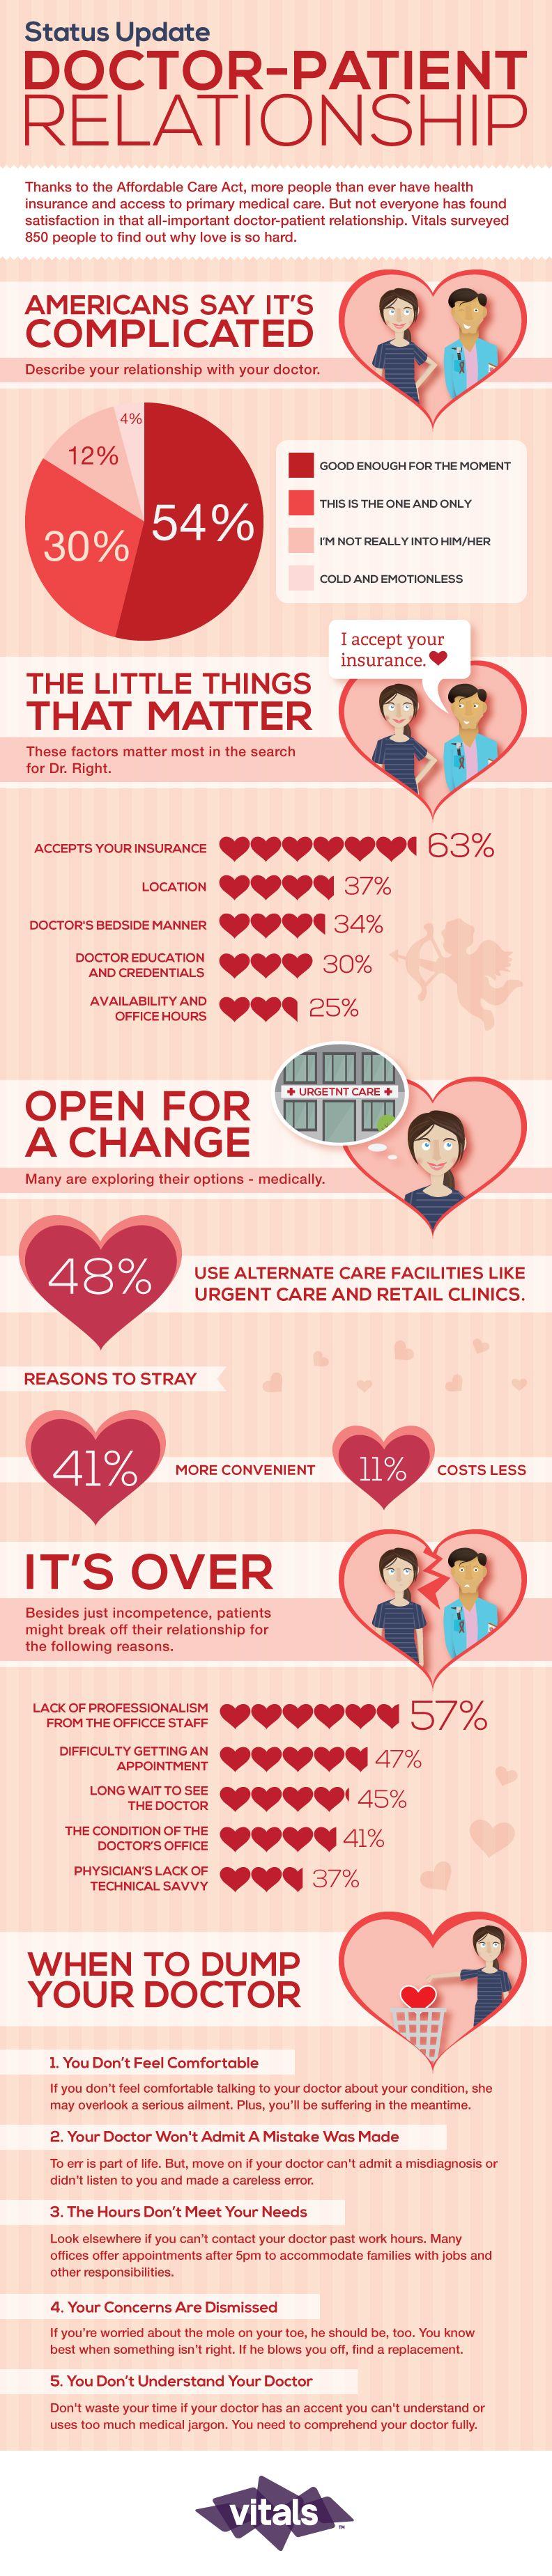 Status Update DoctorPatient Relationship http//www